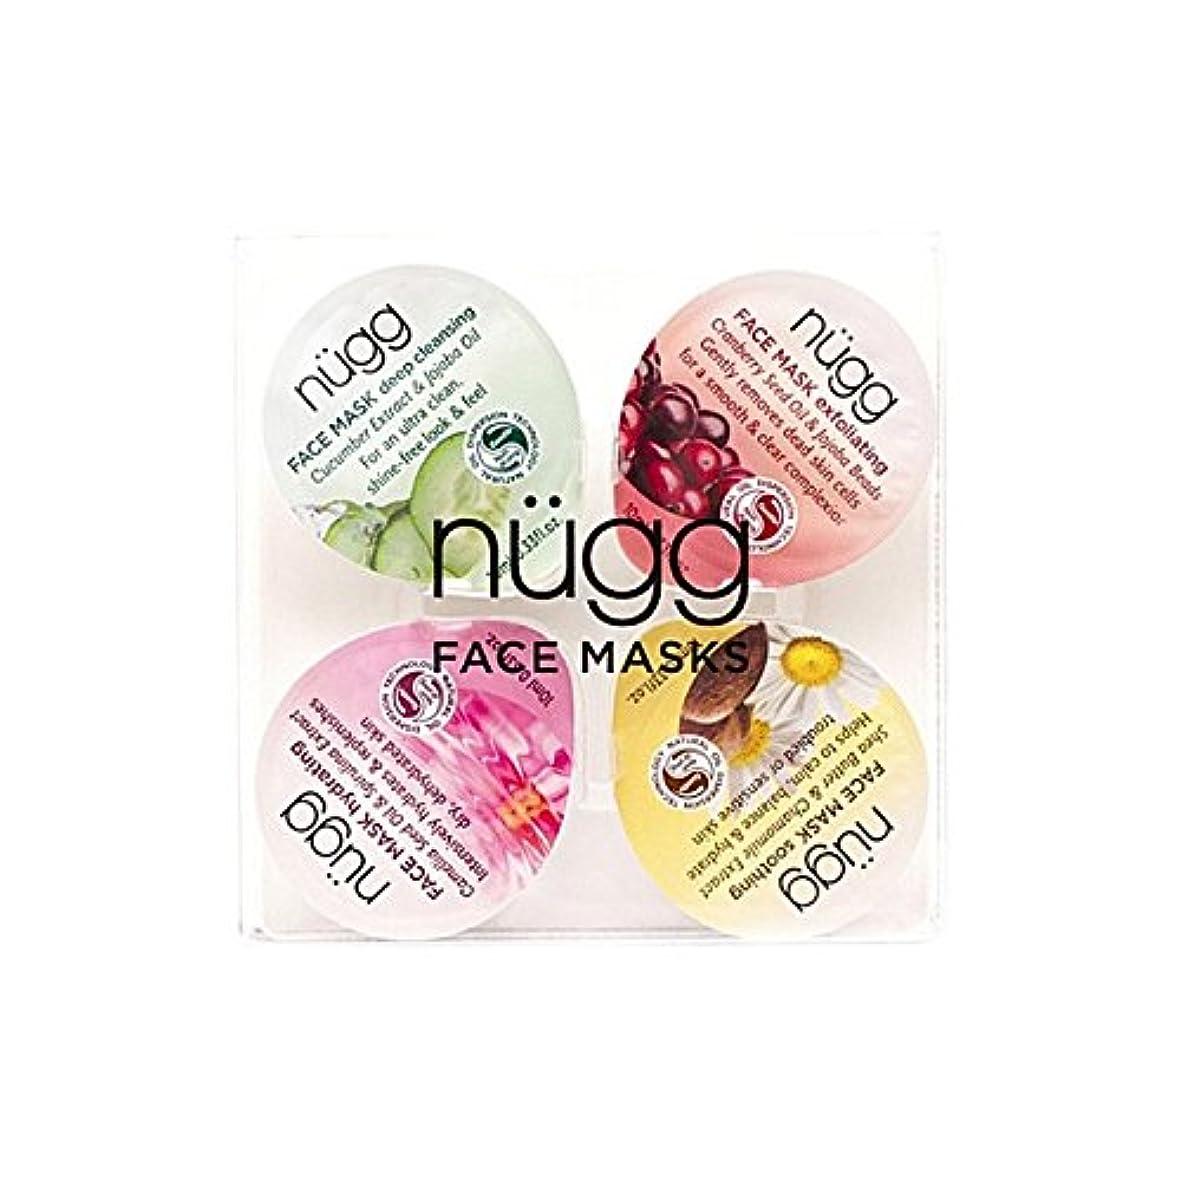 メディカル悲惨な溶けたフェイスマスクセット x2 - Nugg Face Mask Set (Pack of 2) [並行輸入品]